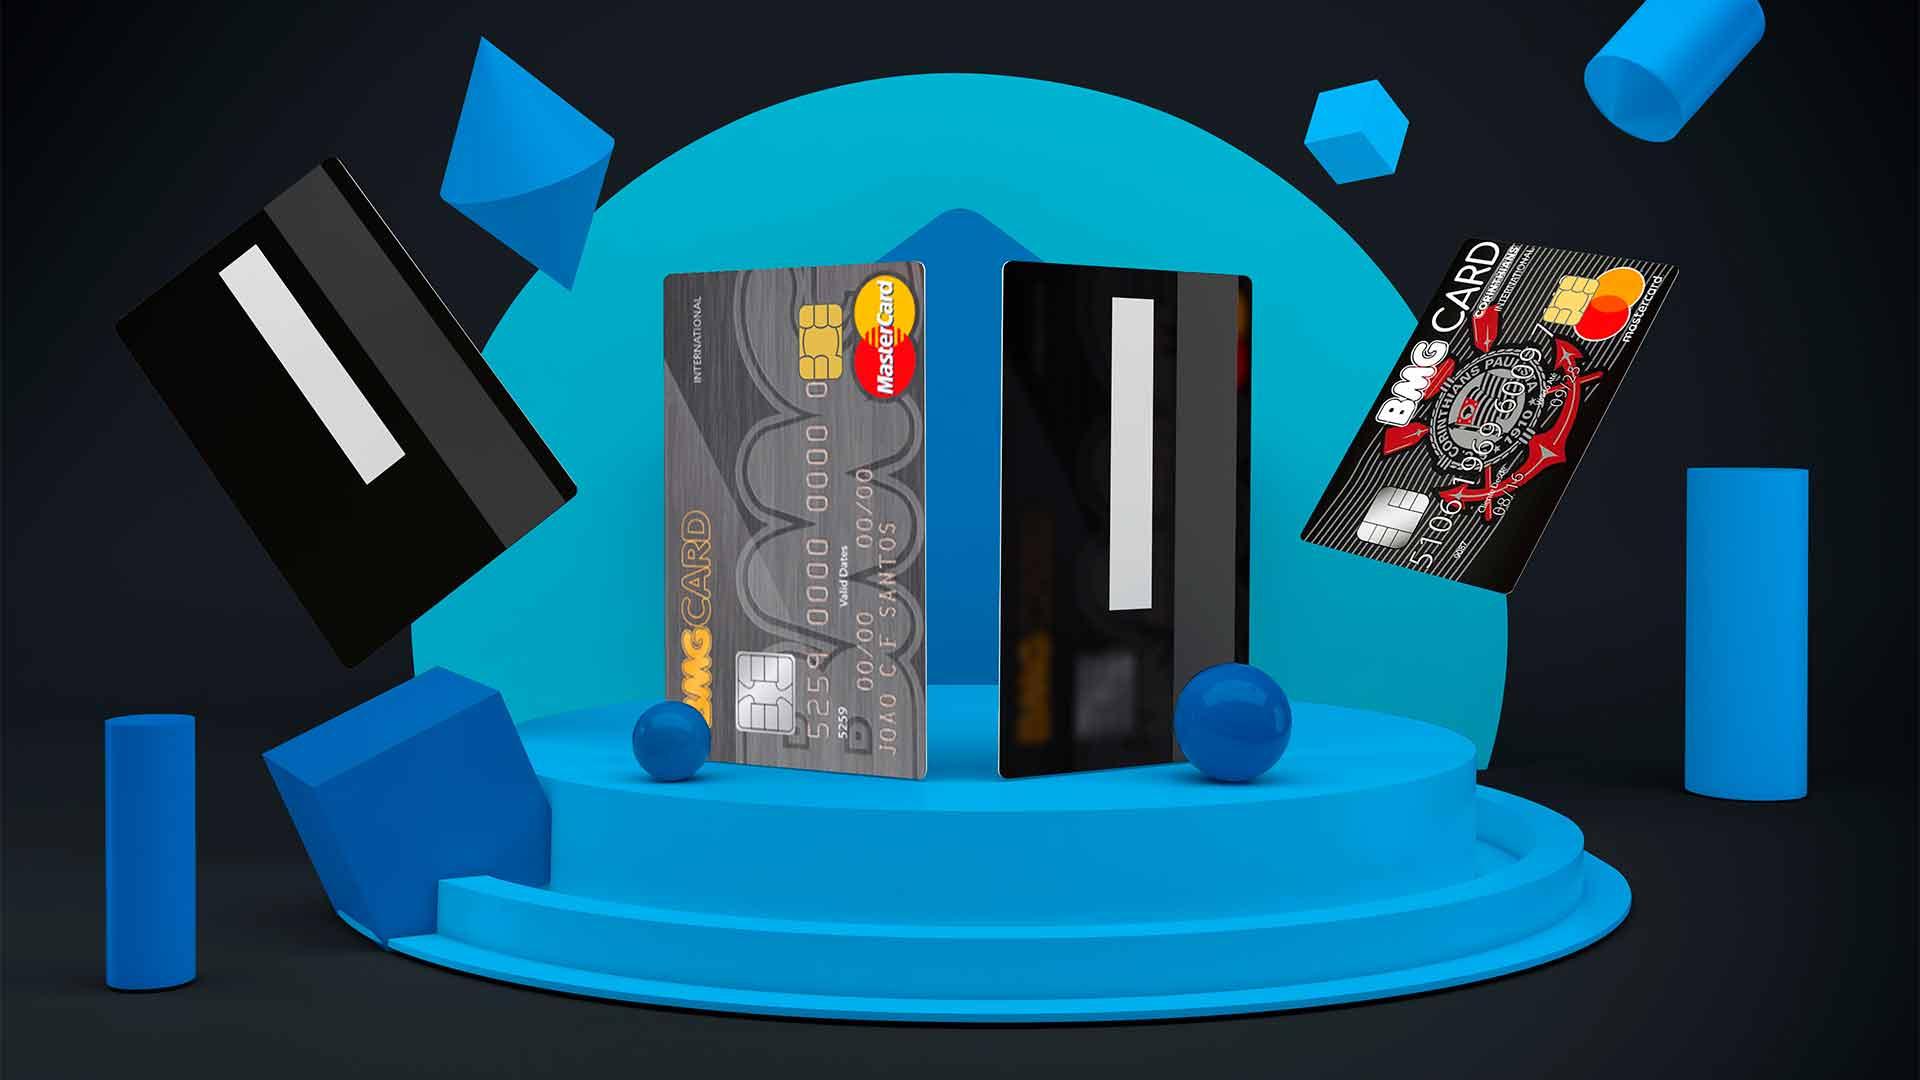 ja-conhece-o-bmg-card-tenha-conta-gratis-e-cartao-sem-anuidade.jpg